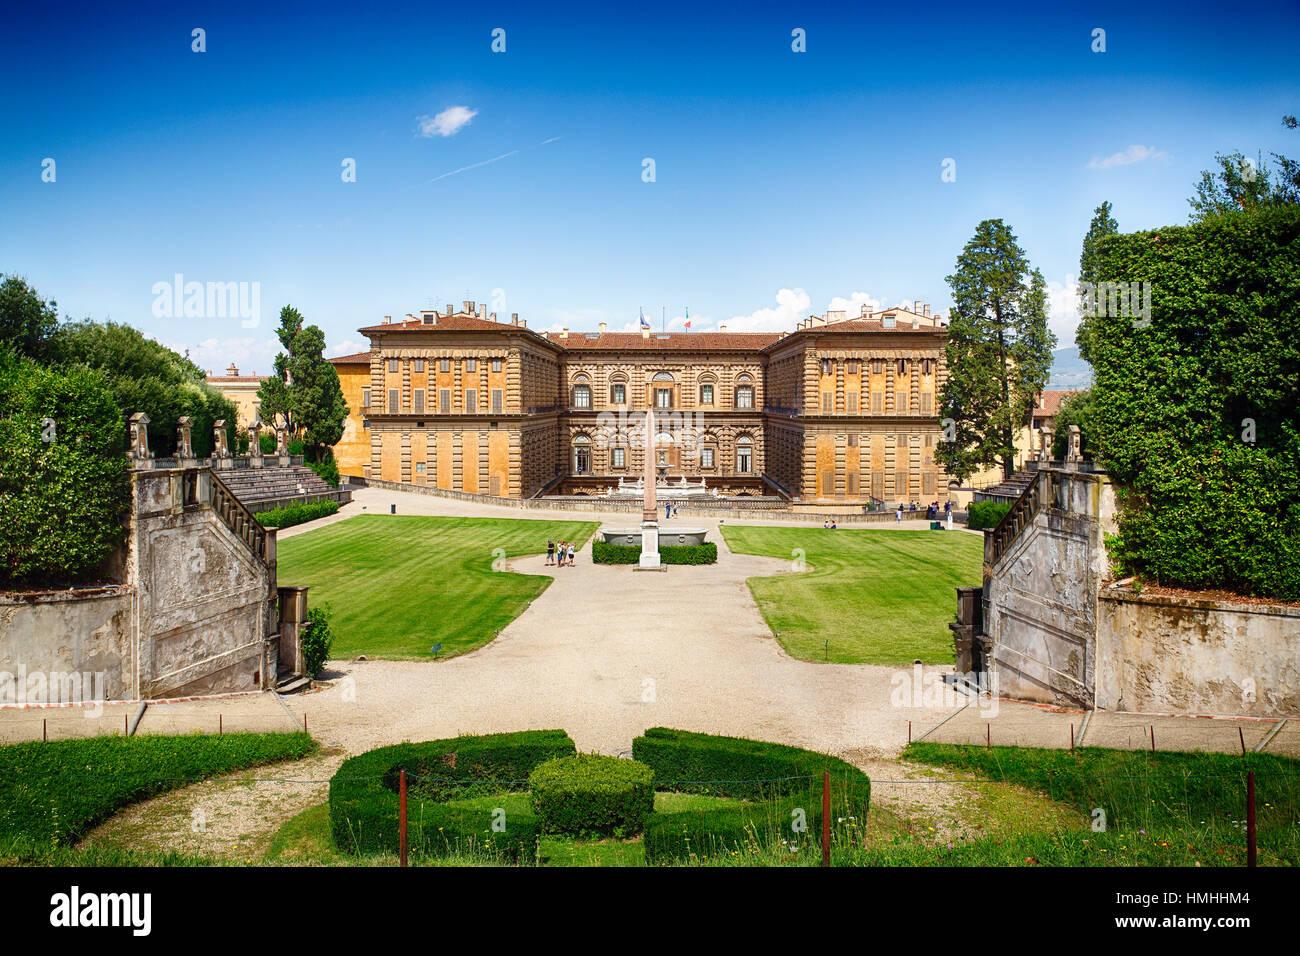 Angolo di Alta Vista di Palazzo Pitti dal Giardino di Boboli, Firenze, Italia Foto Stock